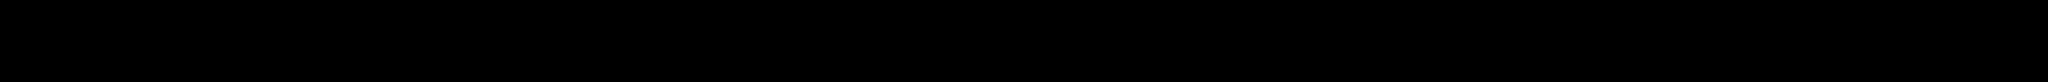 DENSO 4606823AB, 4609079, 56028886AA, 56041402AB, SPORC12YC5 Запалителна свещ